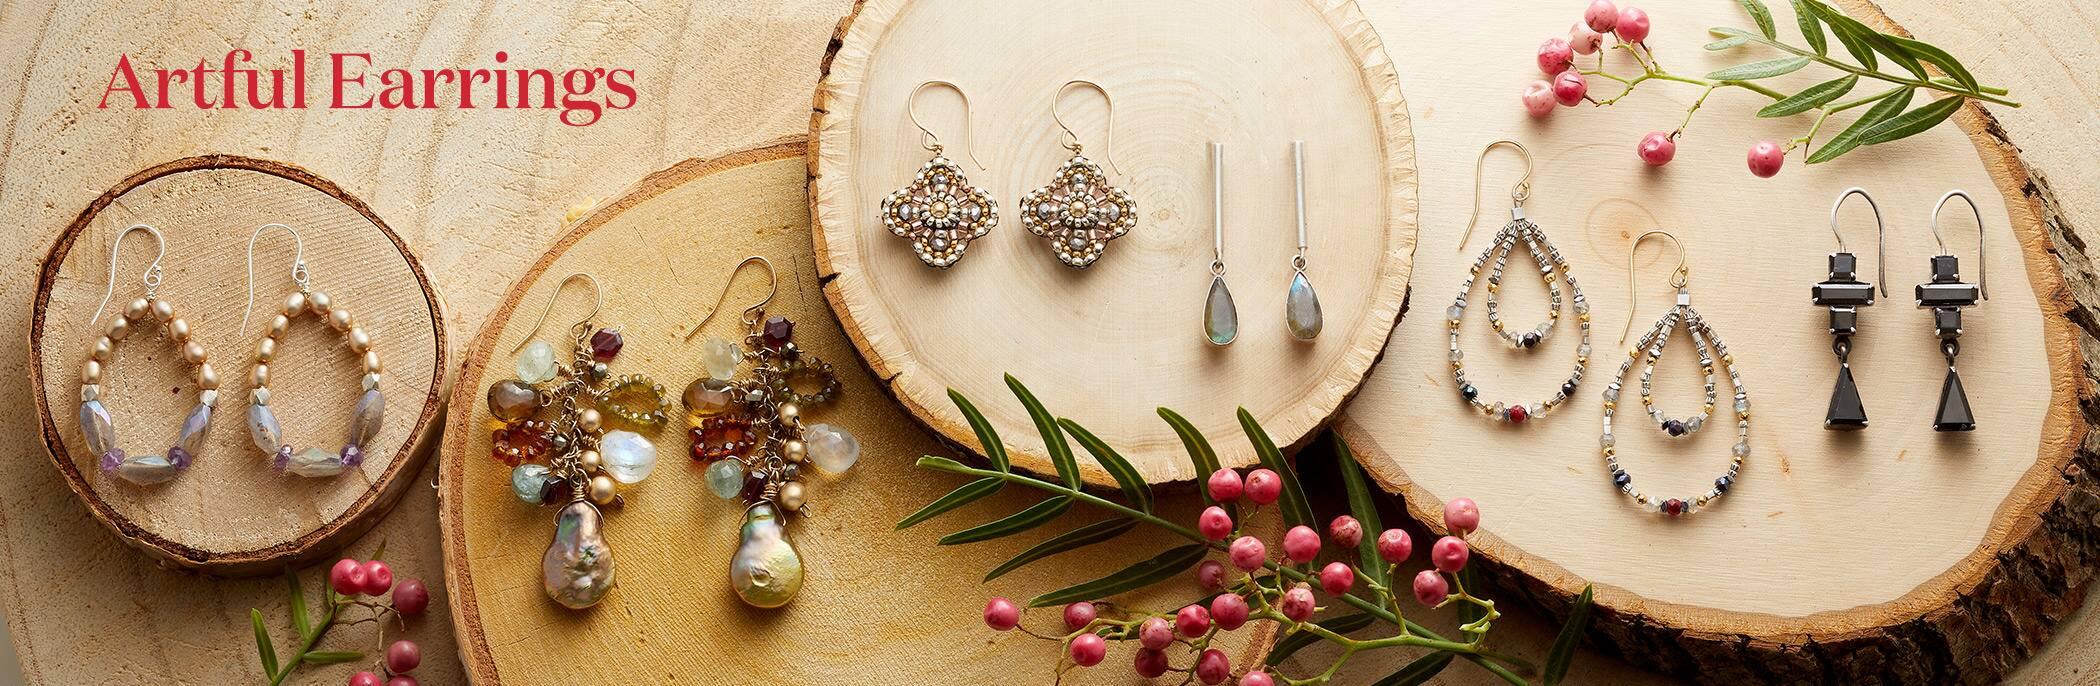 Artful Earrings